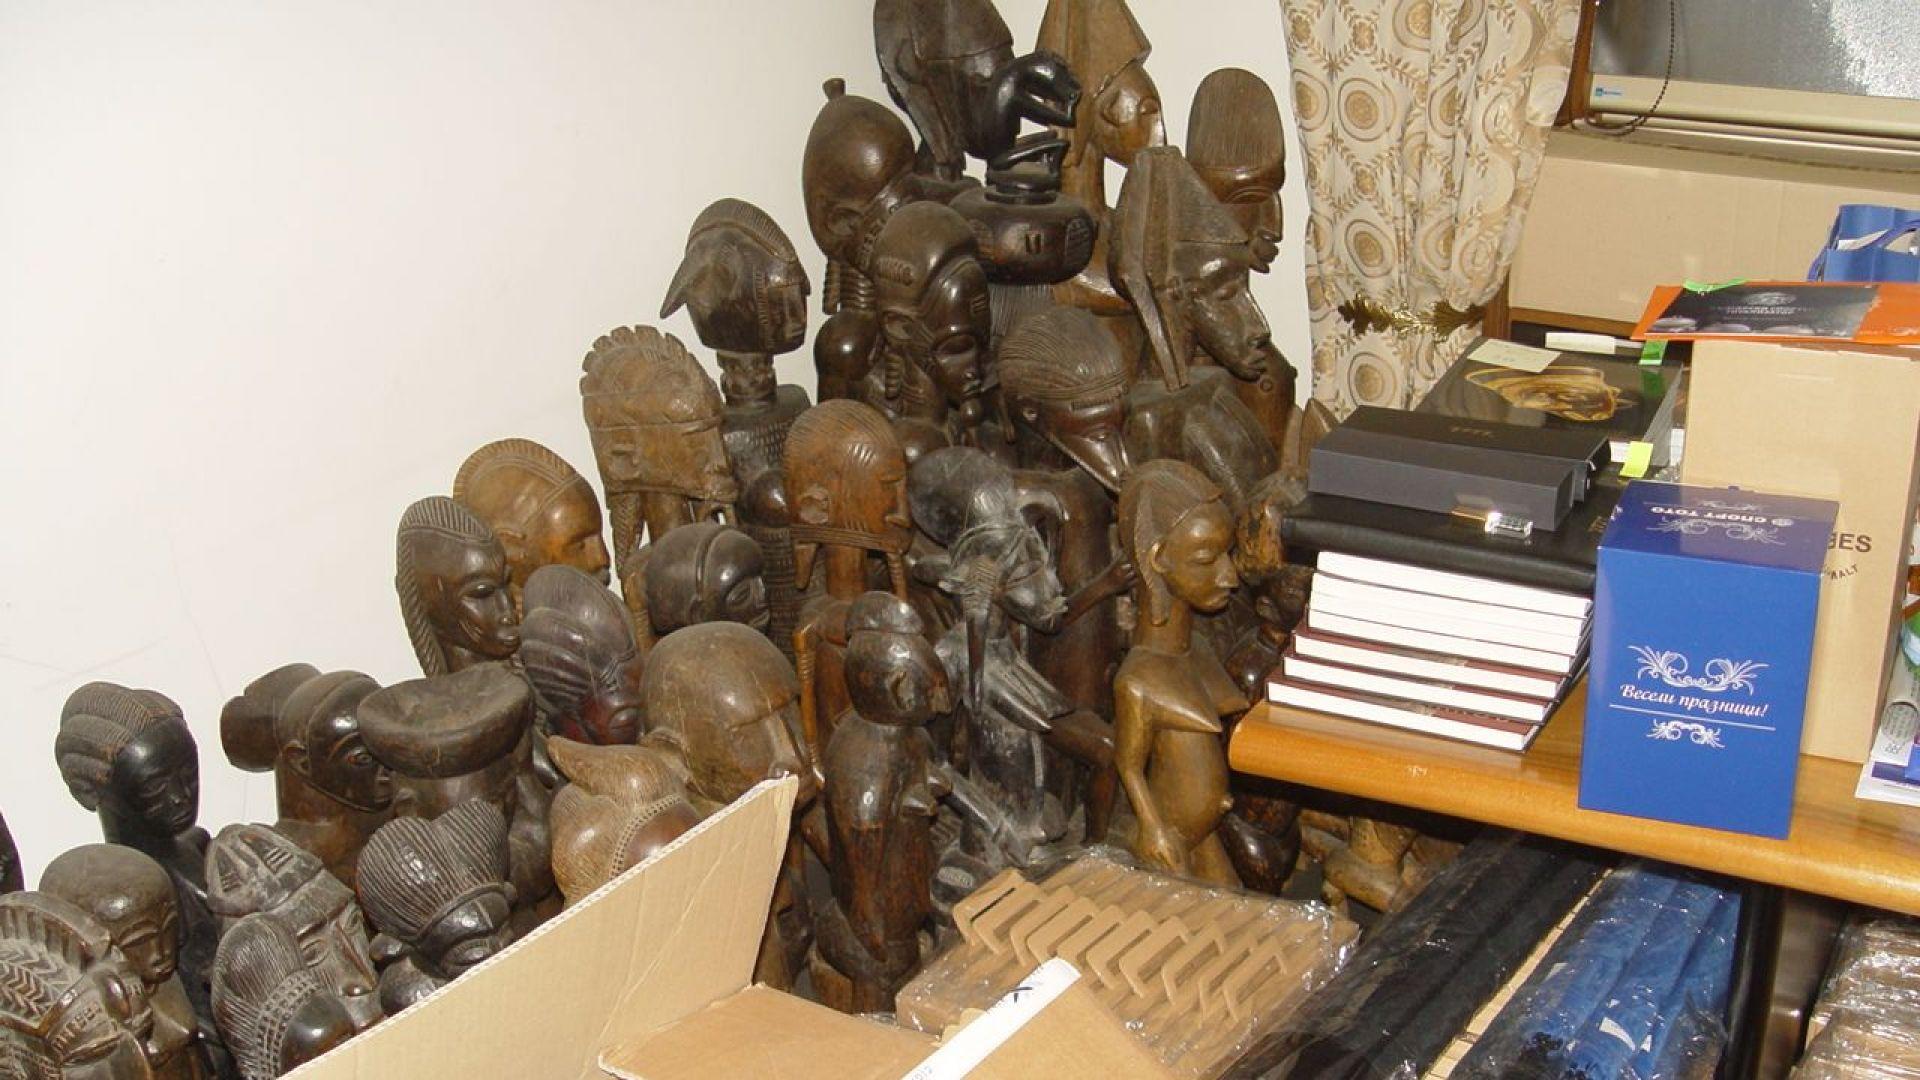 Бизнесменът Васил Божков е регистрирал едва 212 артефакта, а досега